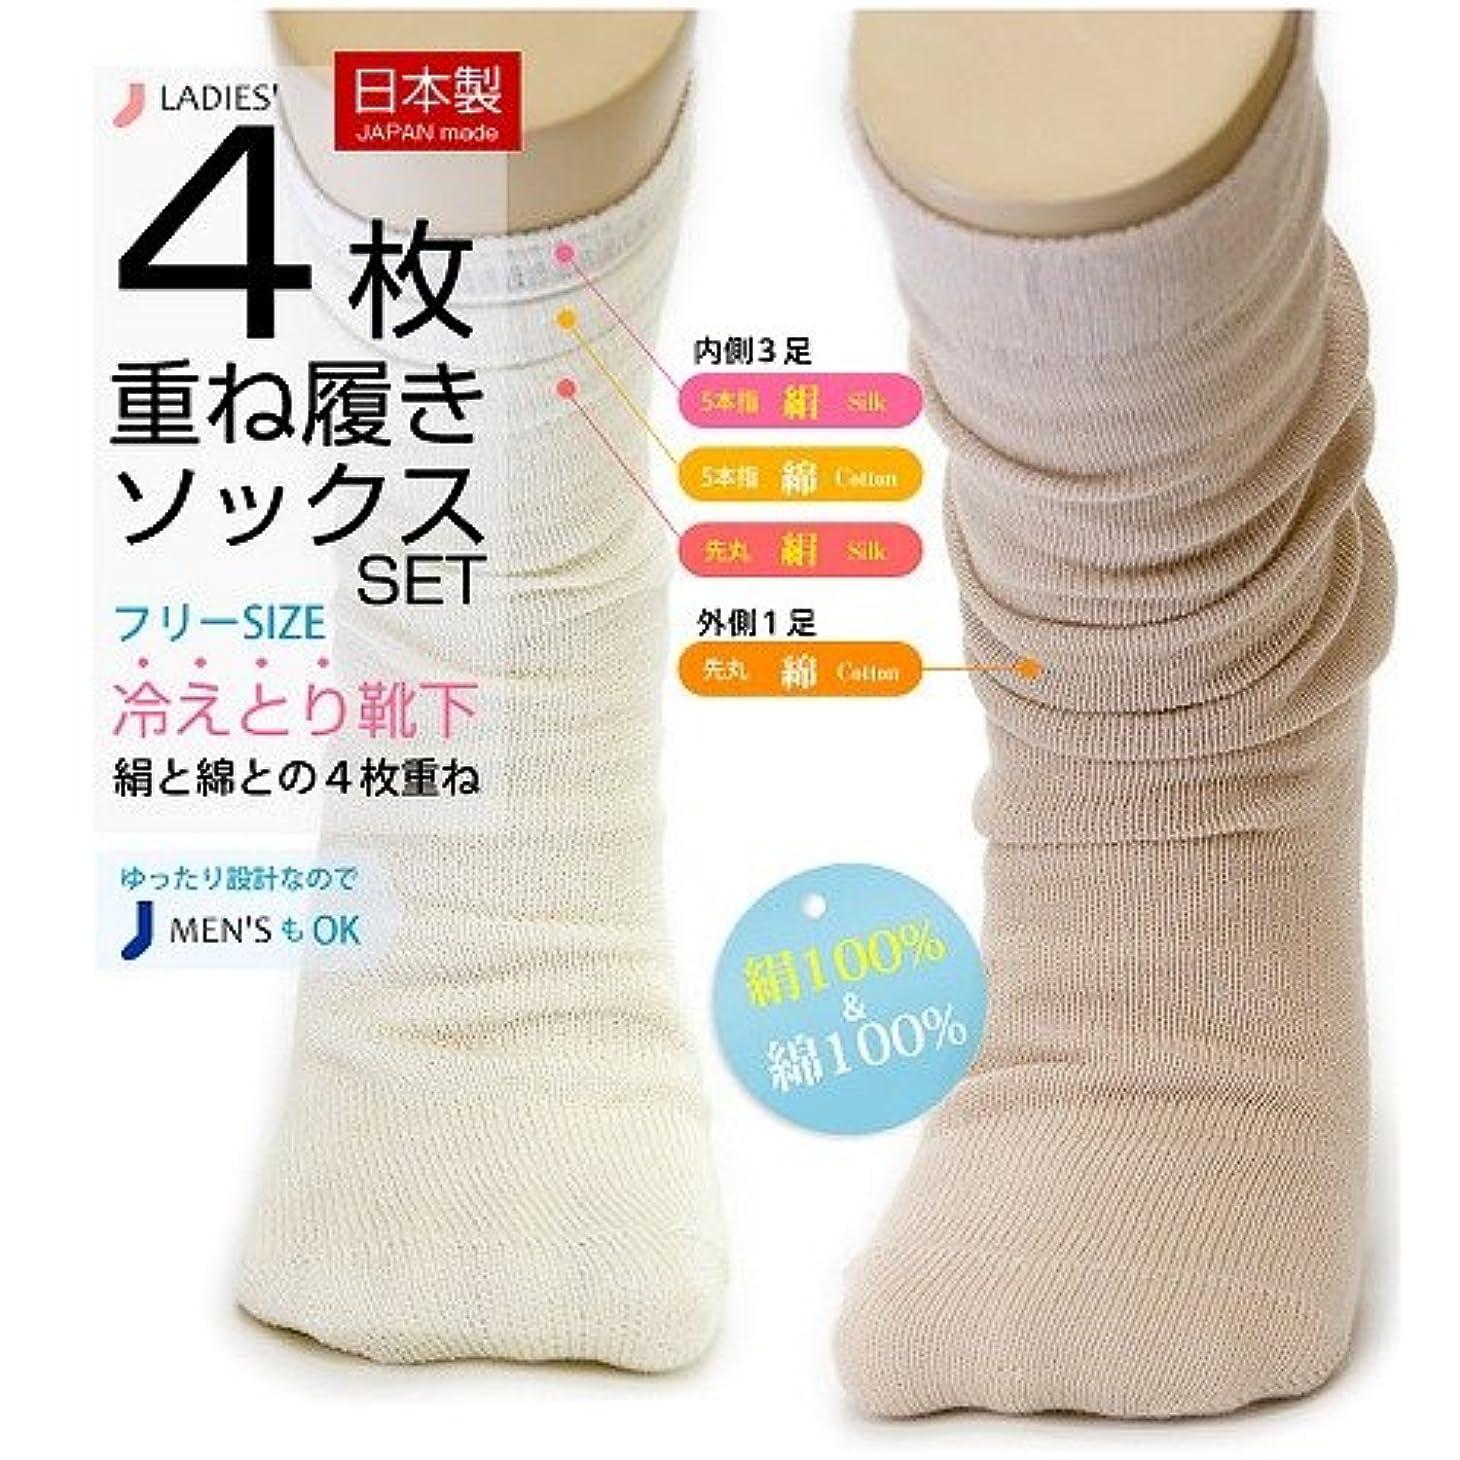 前置詞ショット寸法冷え取り靴下 綿100%とシルク100% 最高級の日本製 4枚重ねばきセット(外側ライトグレー)